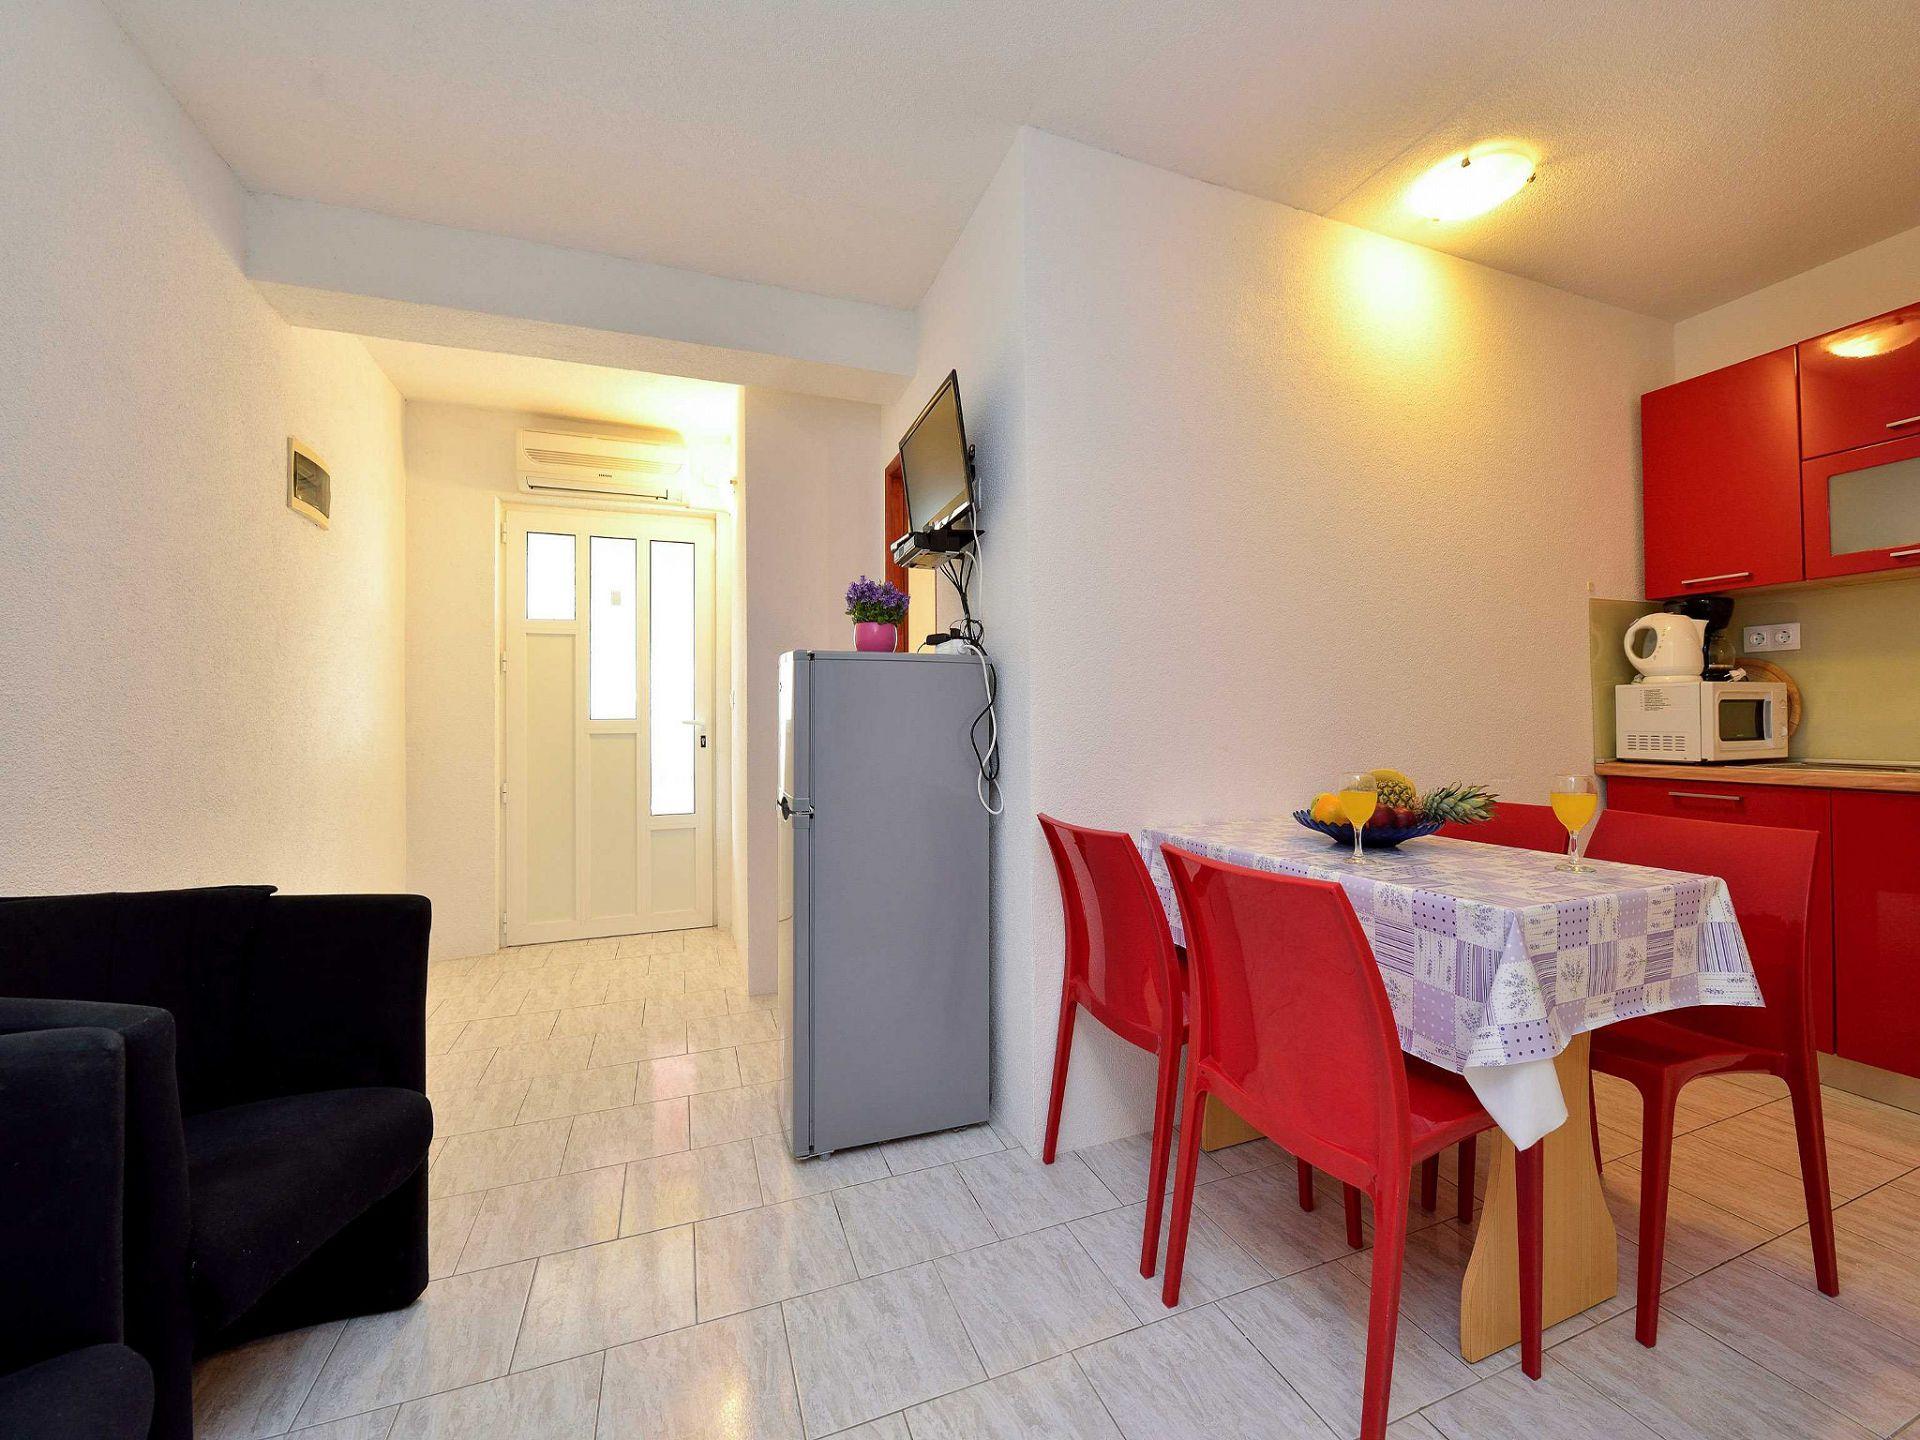 1675 - Drage - Apartmanok Horvátország - A1(4+2): konyha ebédlővel